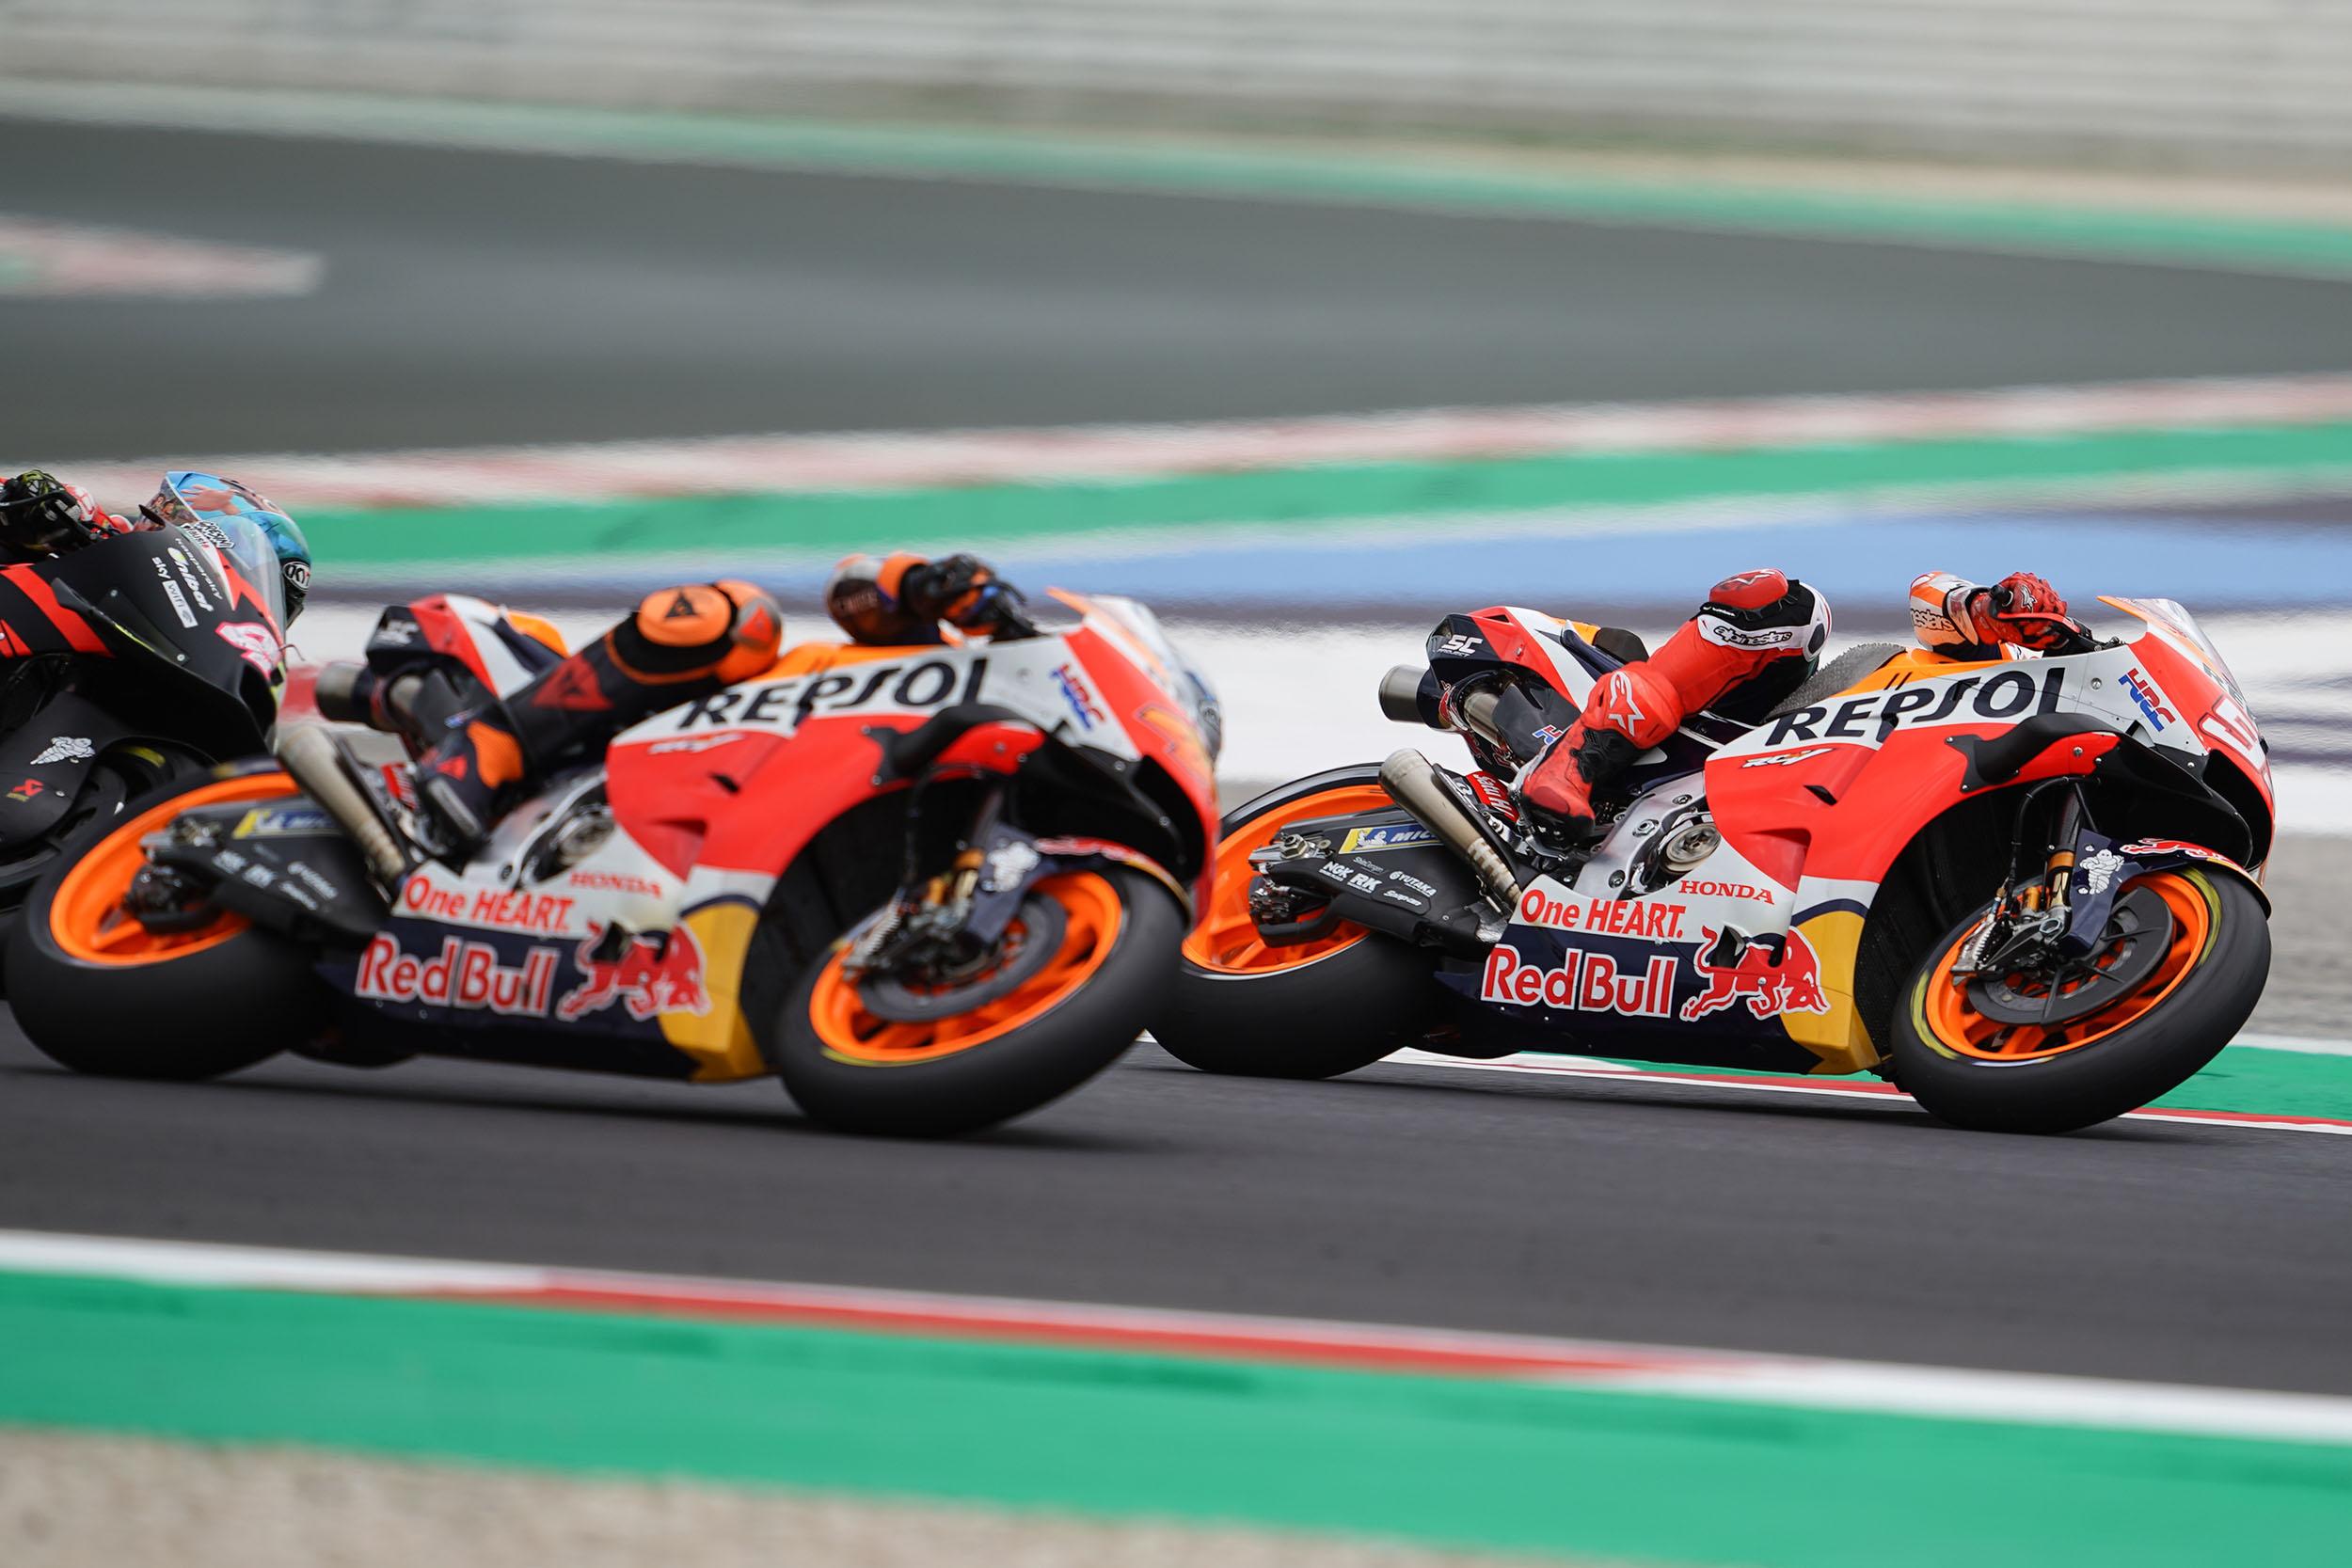 Horarios y dónde ver el Gran Premio de la Emilia-Romaña 2021 de MotoGP en directo